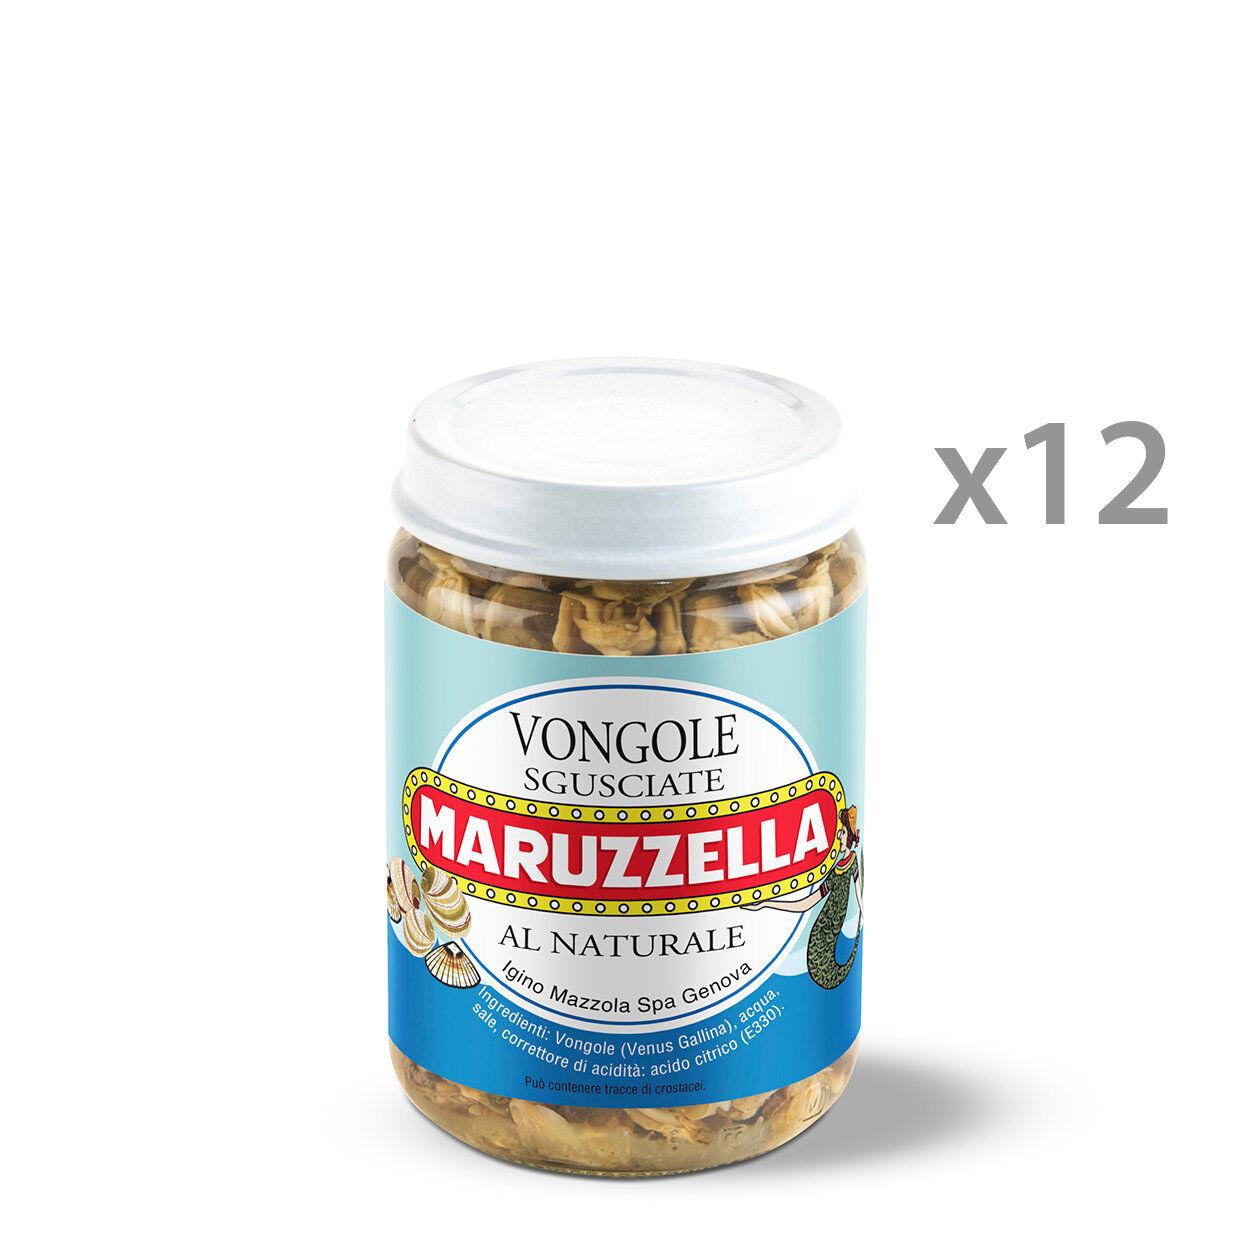 Maruzzella 12 vasetti - Vongole Maruzzella al naturale 130 gr